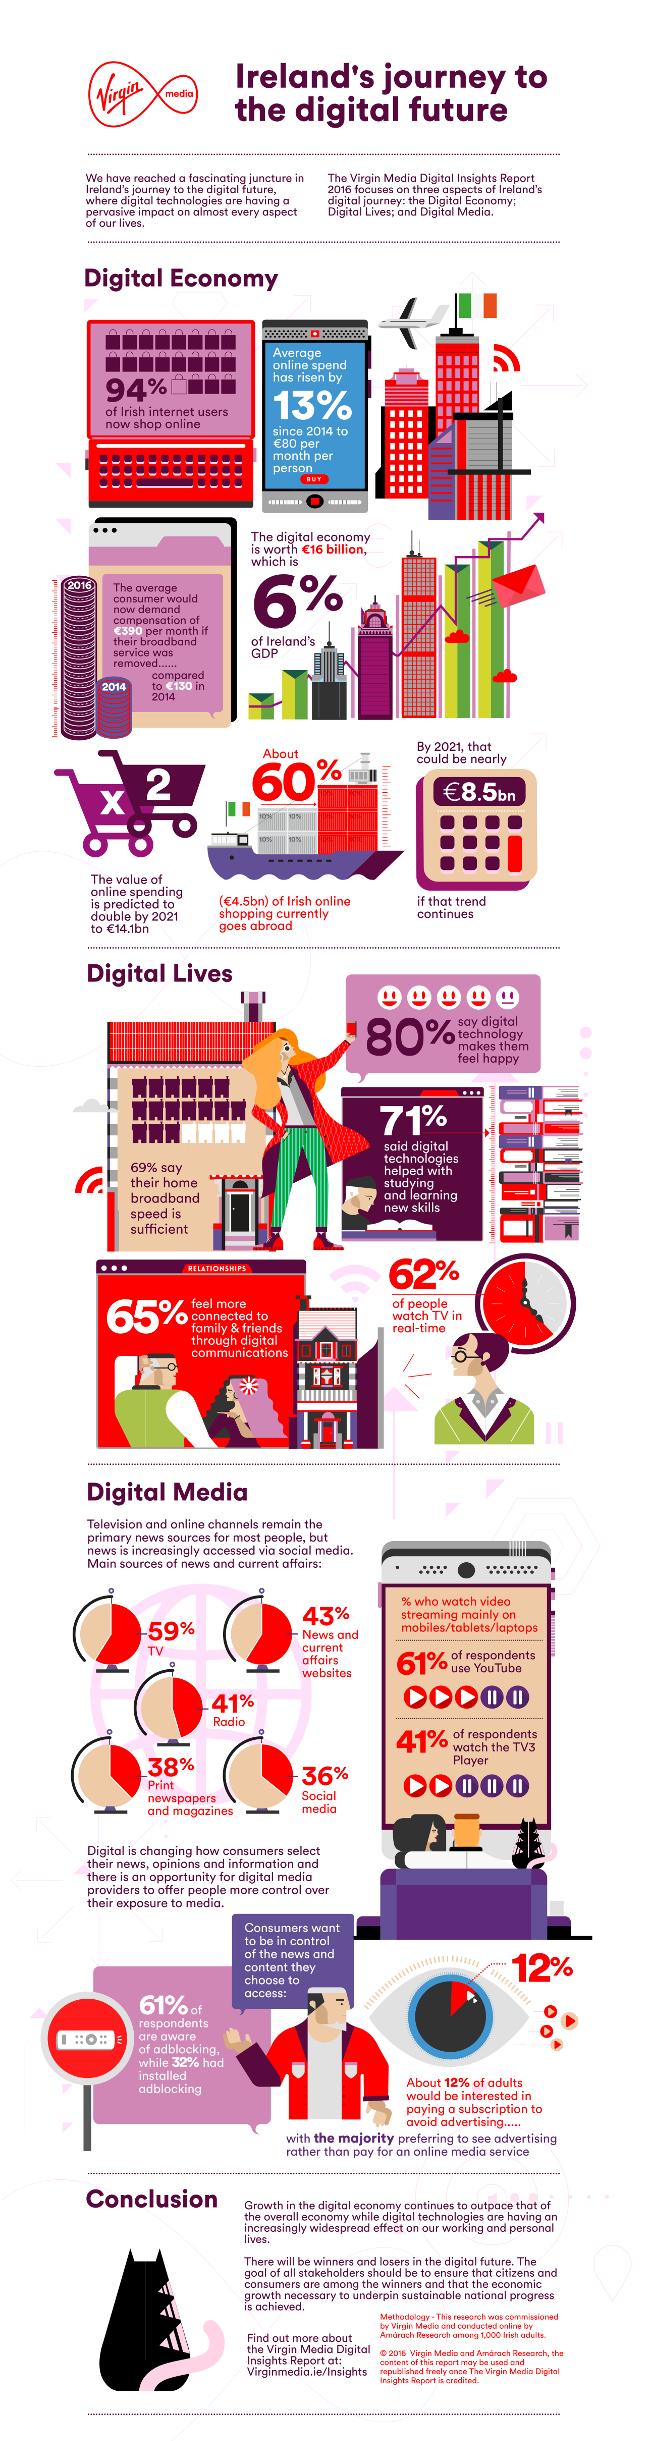 Virgin Media Digital Insights Report